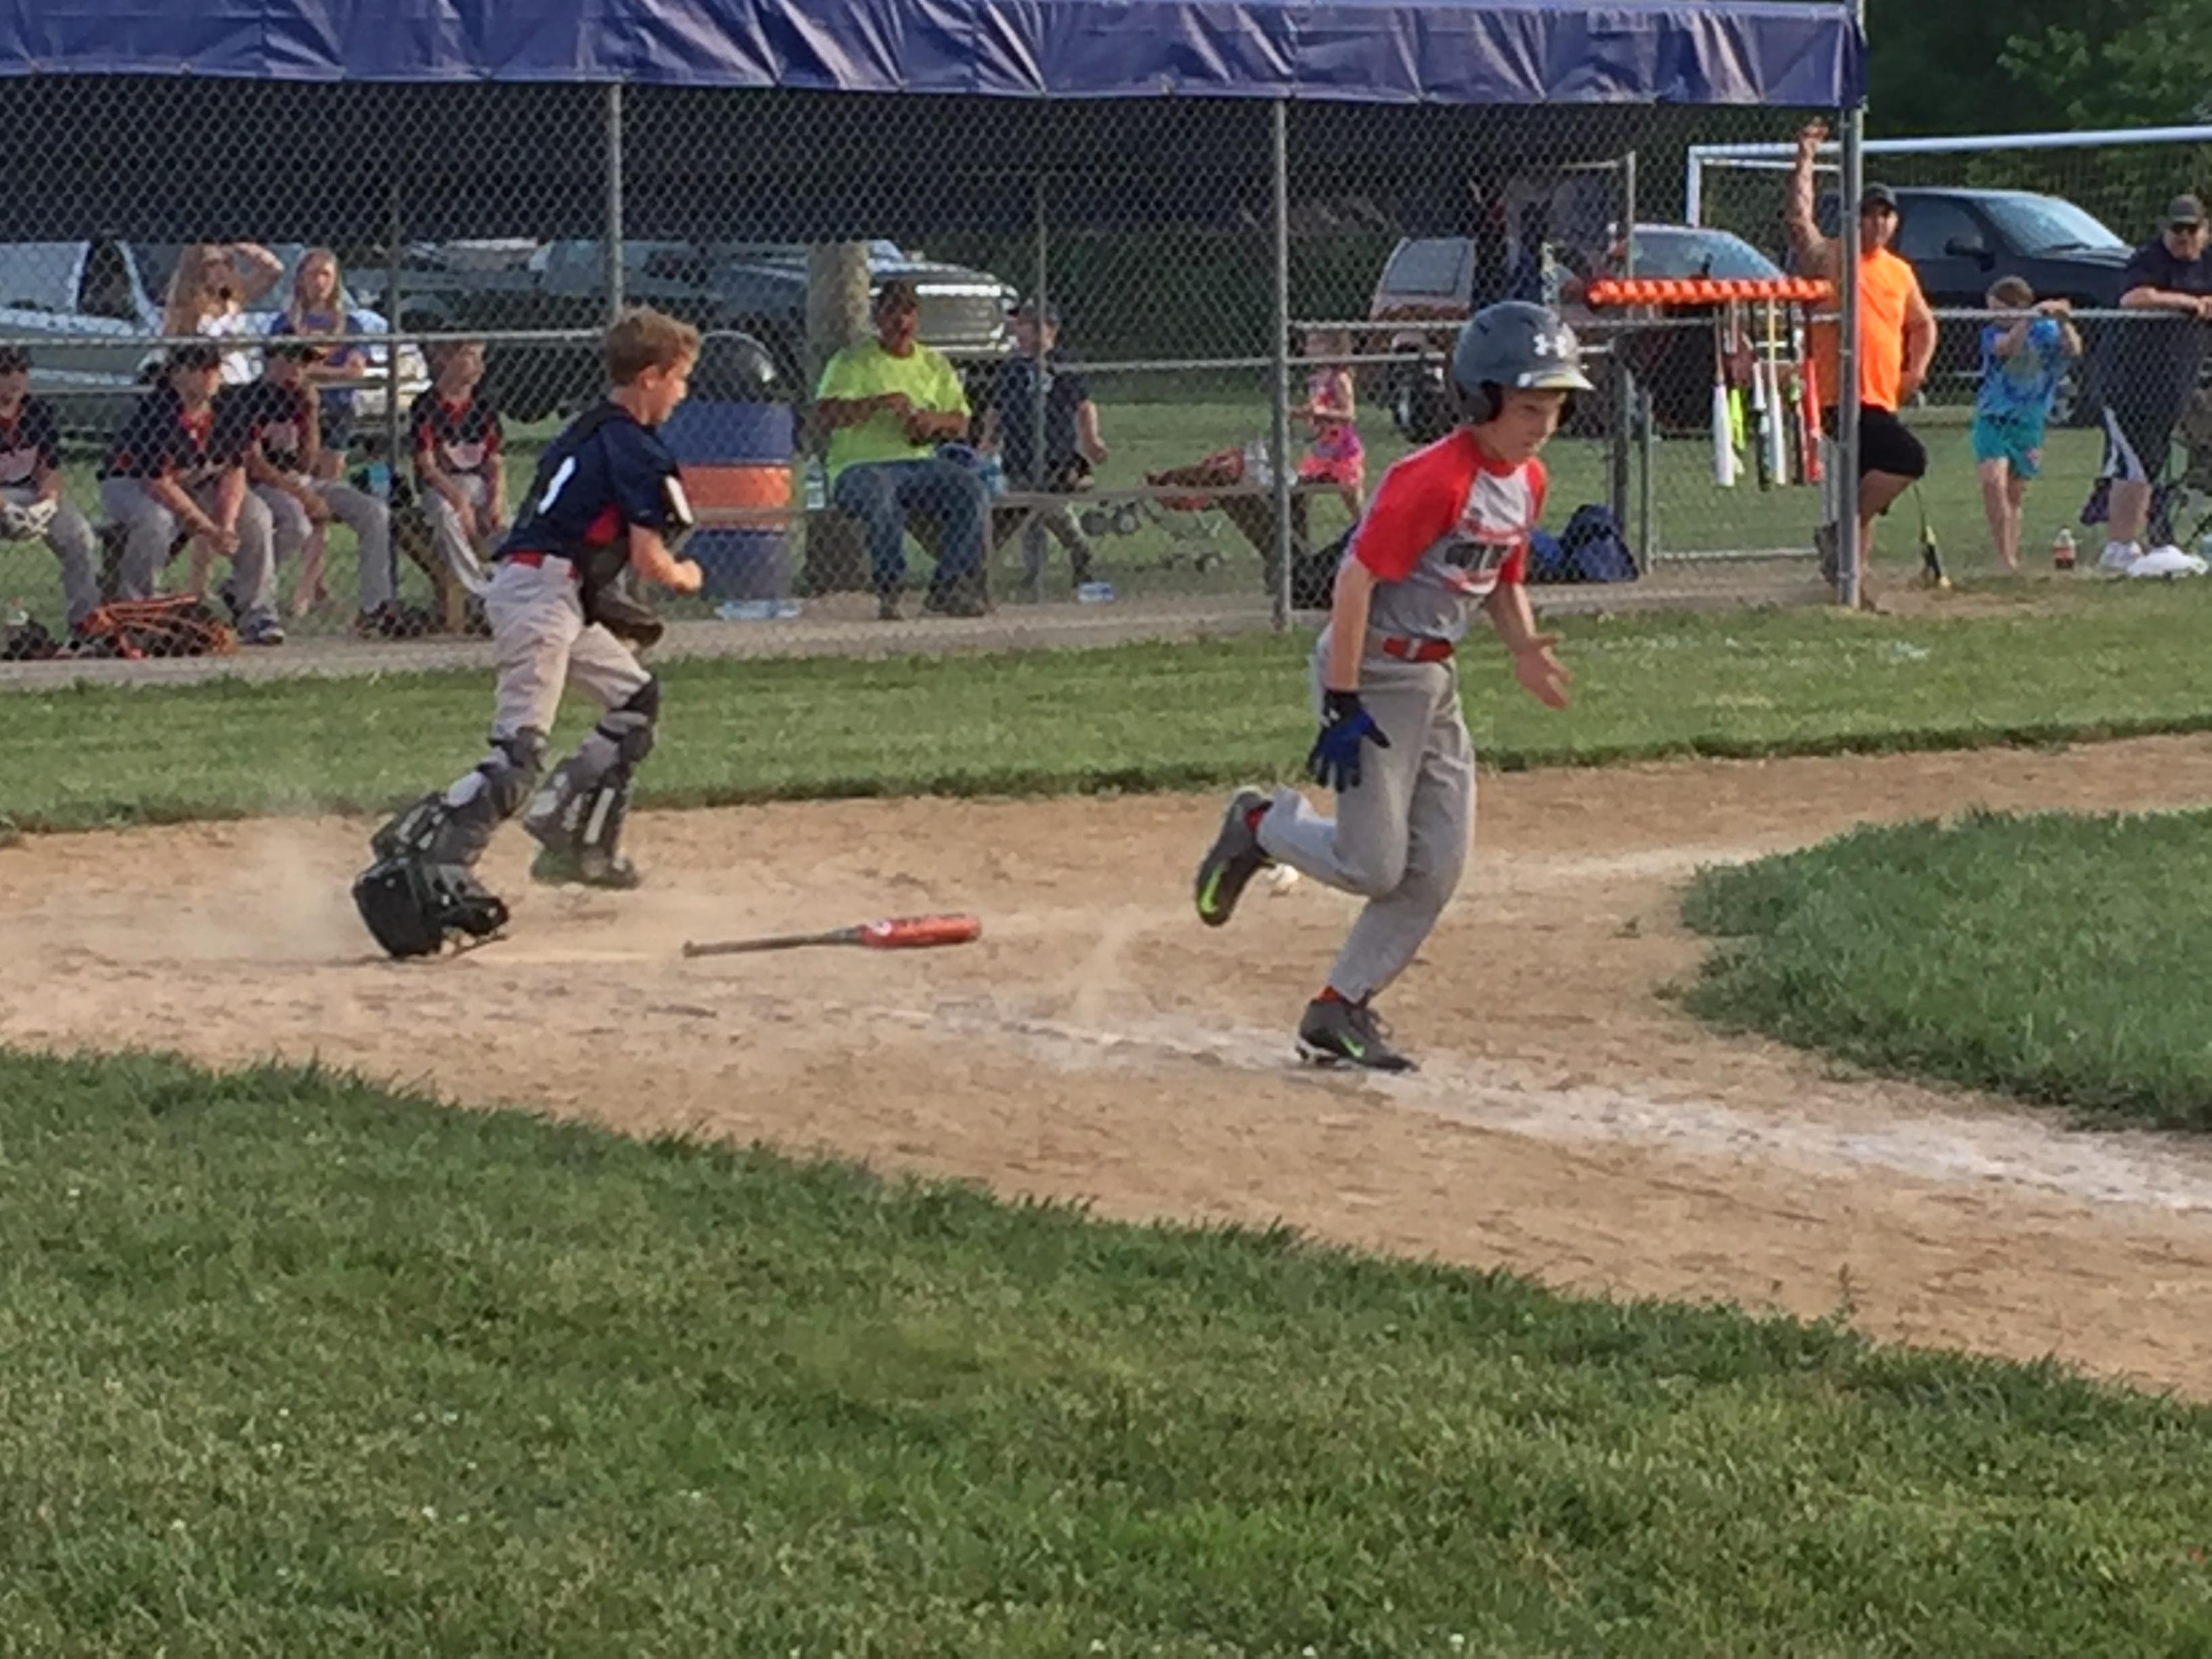 Got Dents Vs Riverton Twins, Final Score Got Dents 13, Riverton Twins 8, June 13, 2016 http://217dent.com